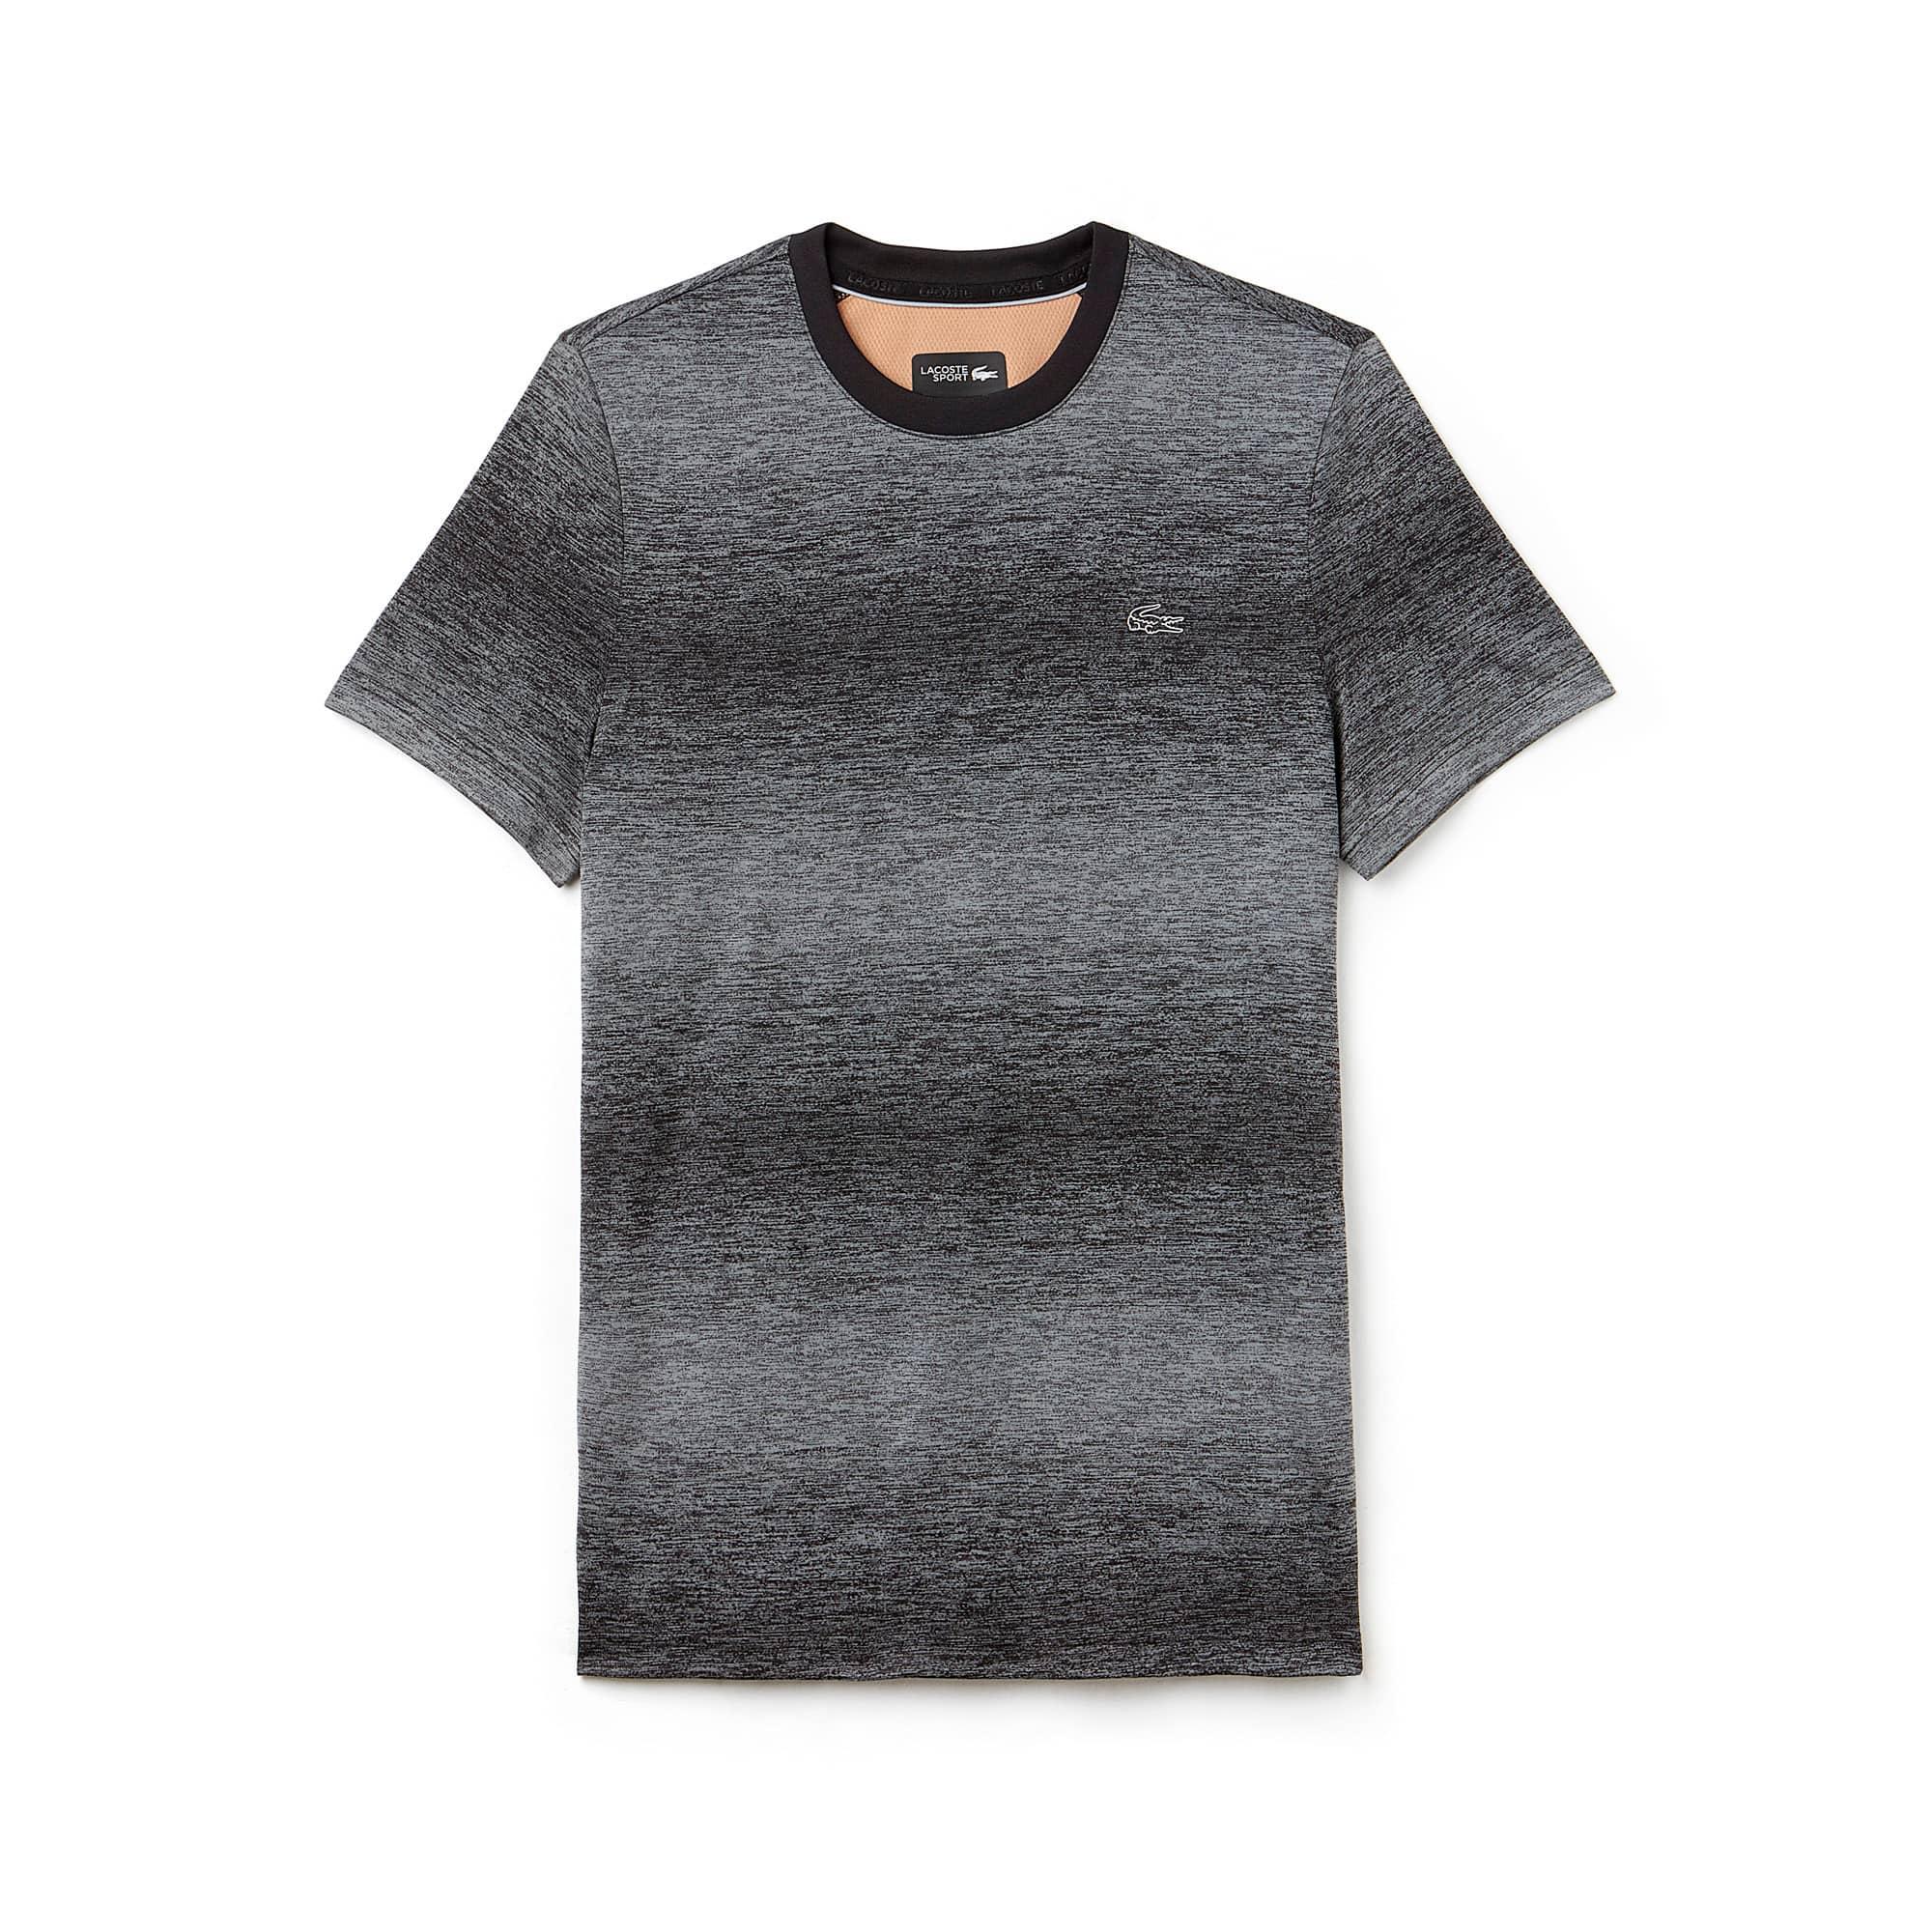 라코스테 스포츠 반팔 티셔츠 Lacoste Mens SPORT Tennis Crew Neck Tech Jersey & Mesh T-shirt,BLACK/BLACK-COPPER ORANGE